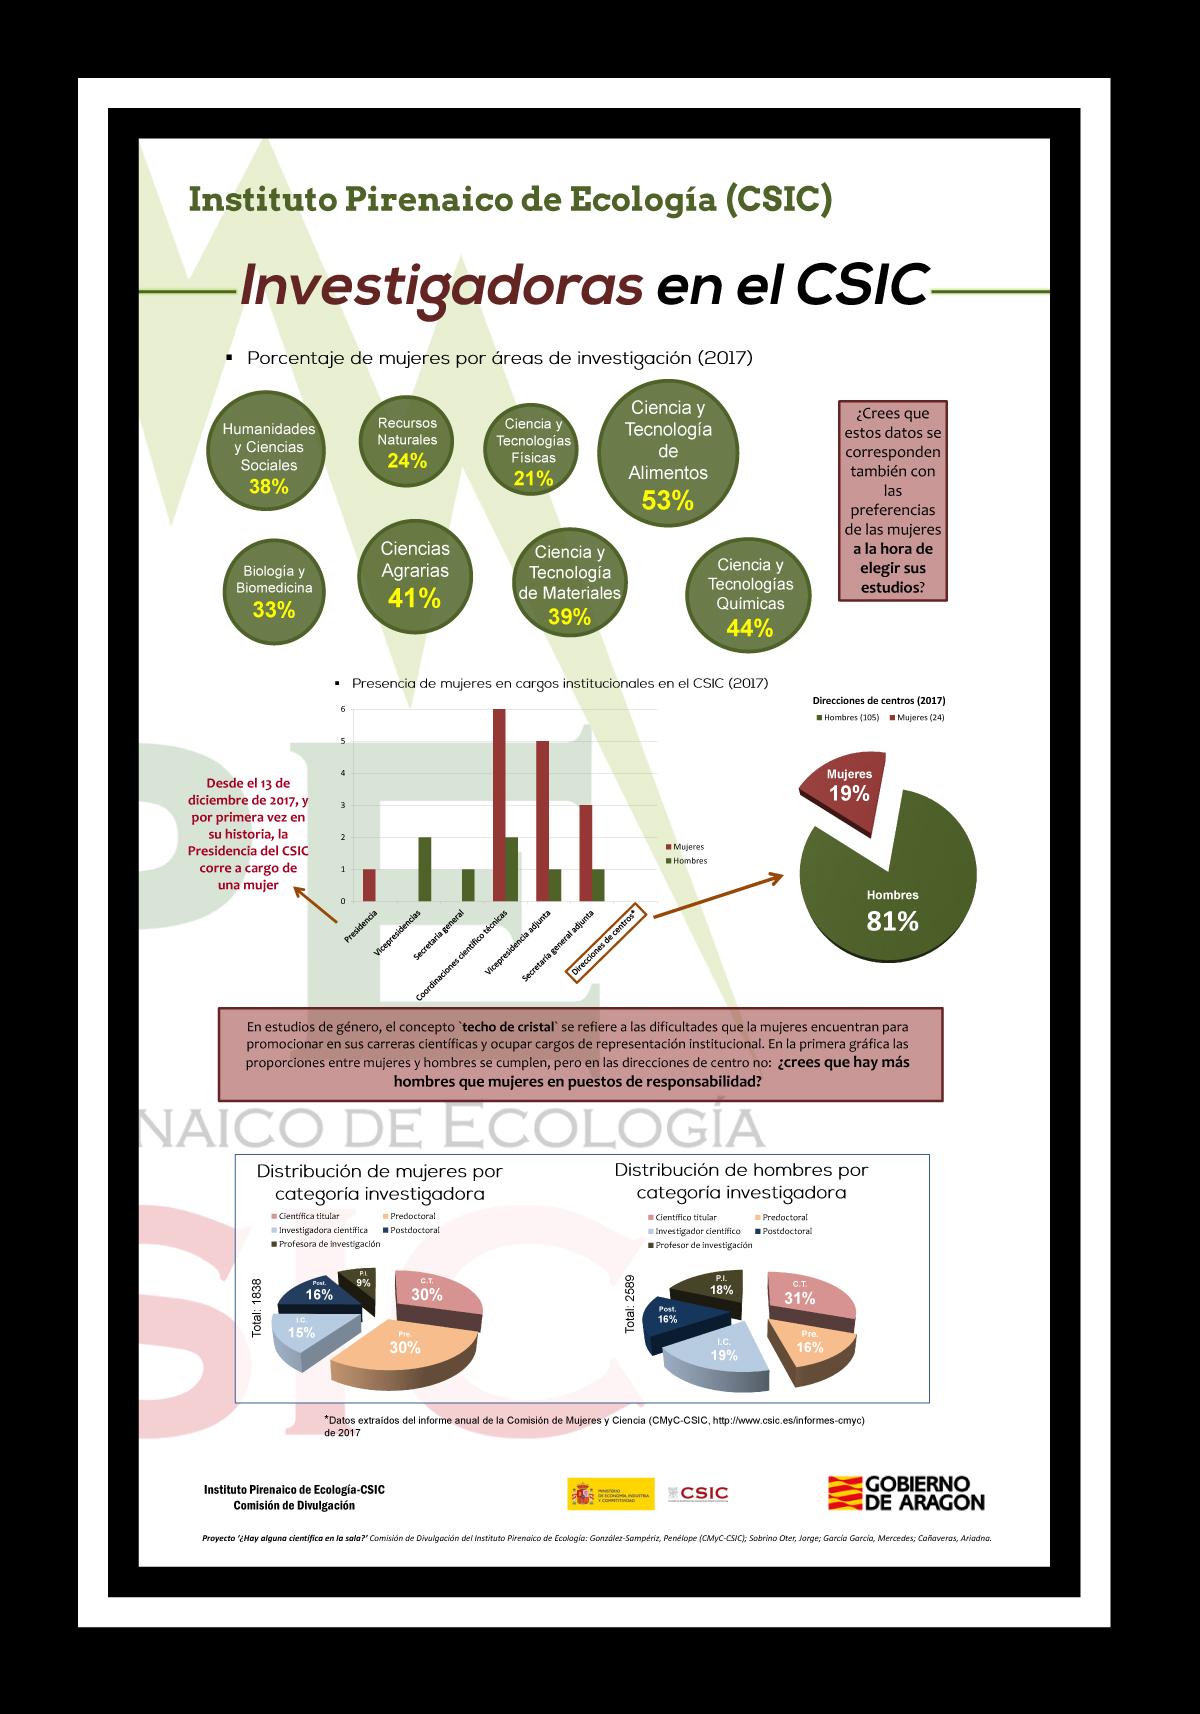 Investigadoras en el CSIC